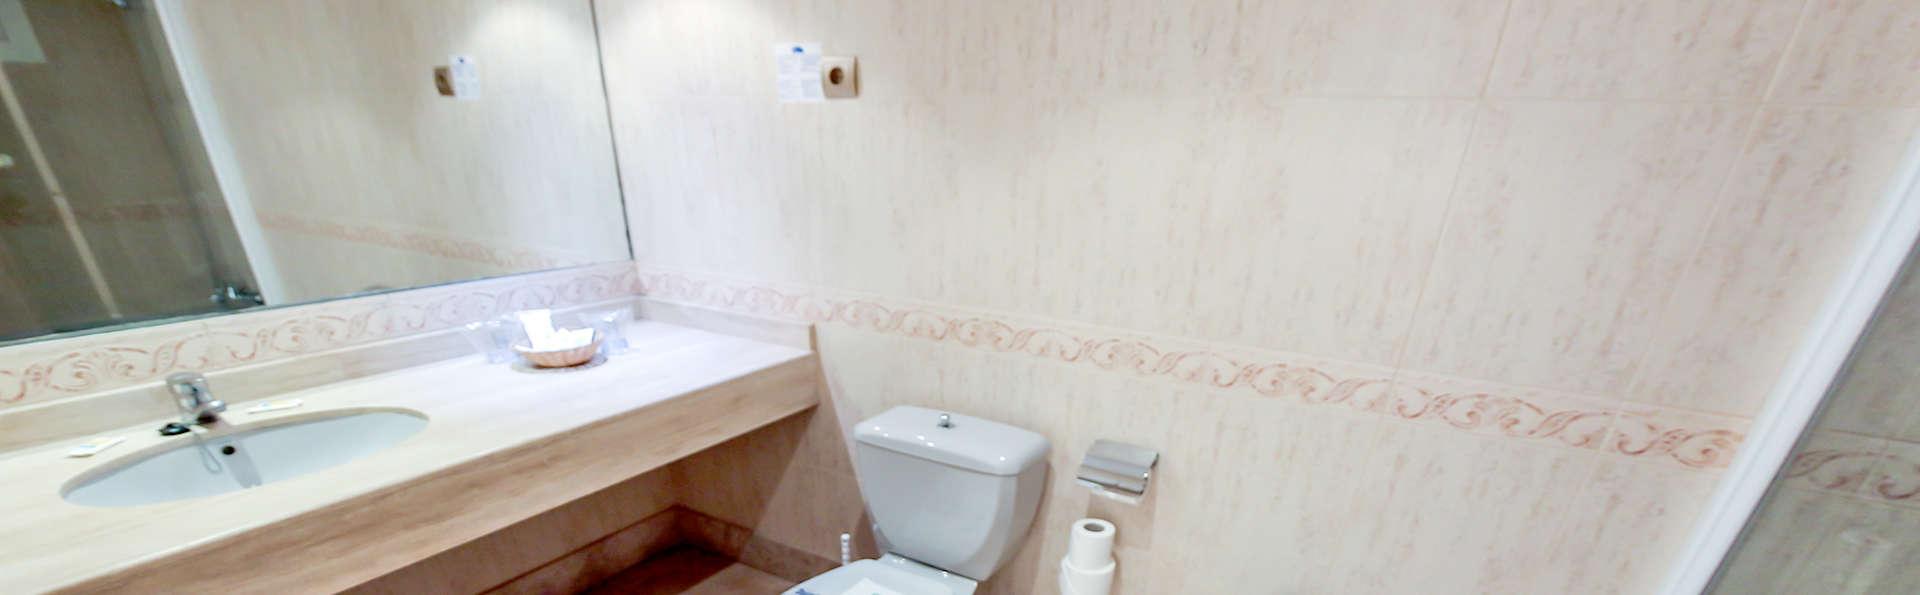 Hotel Bahía Serena - Edit_Bath.jpg